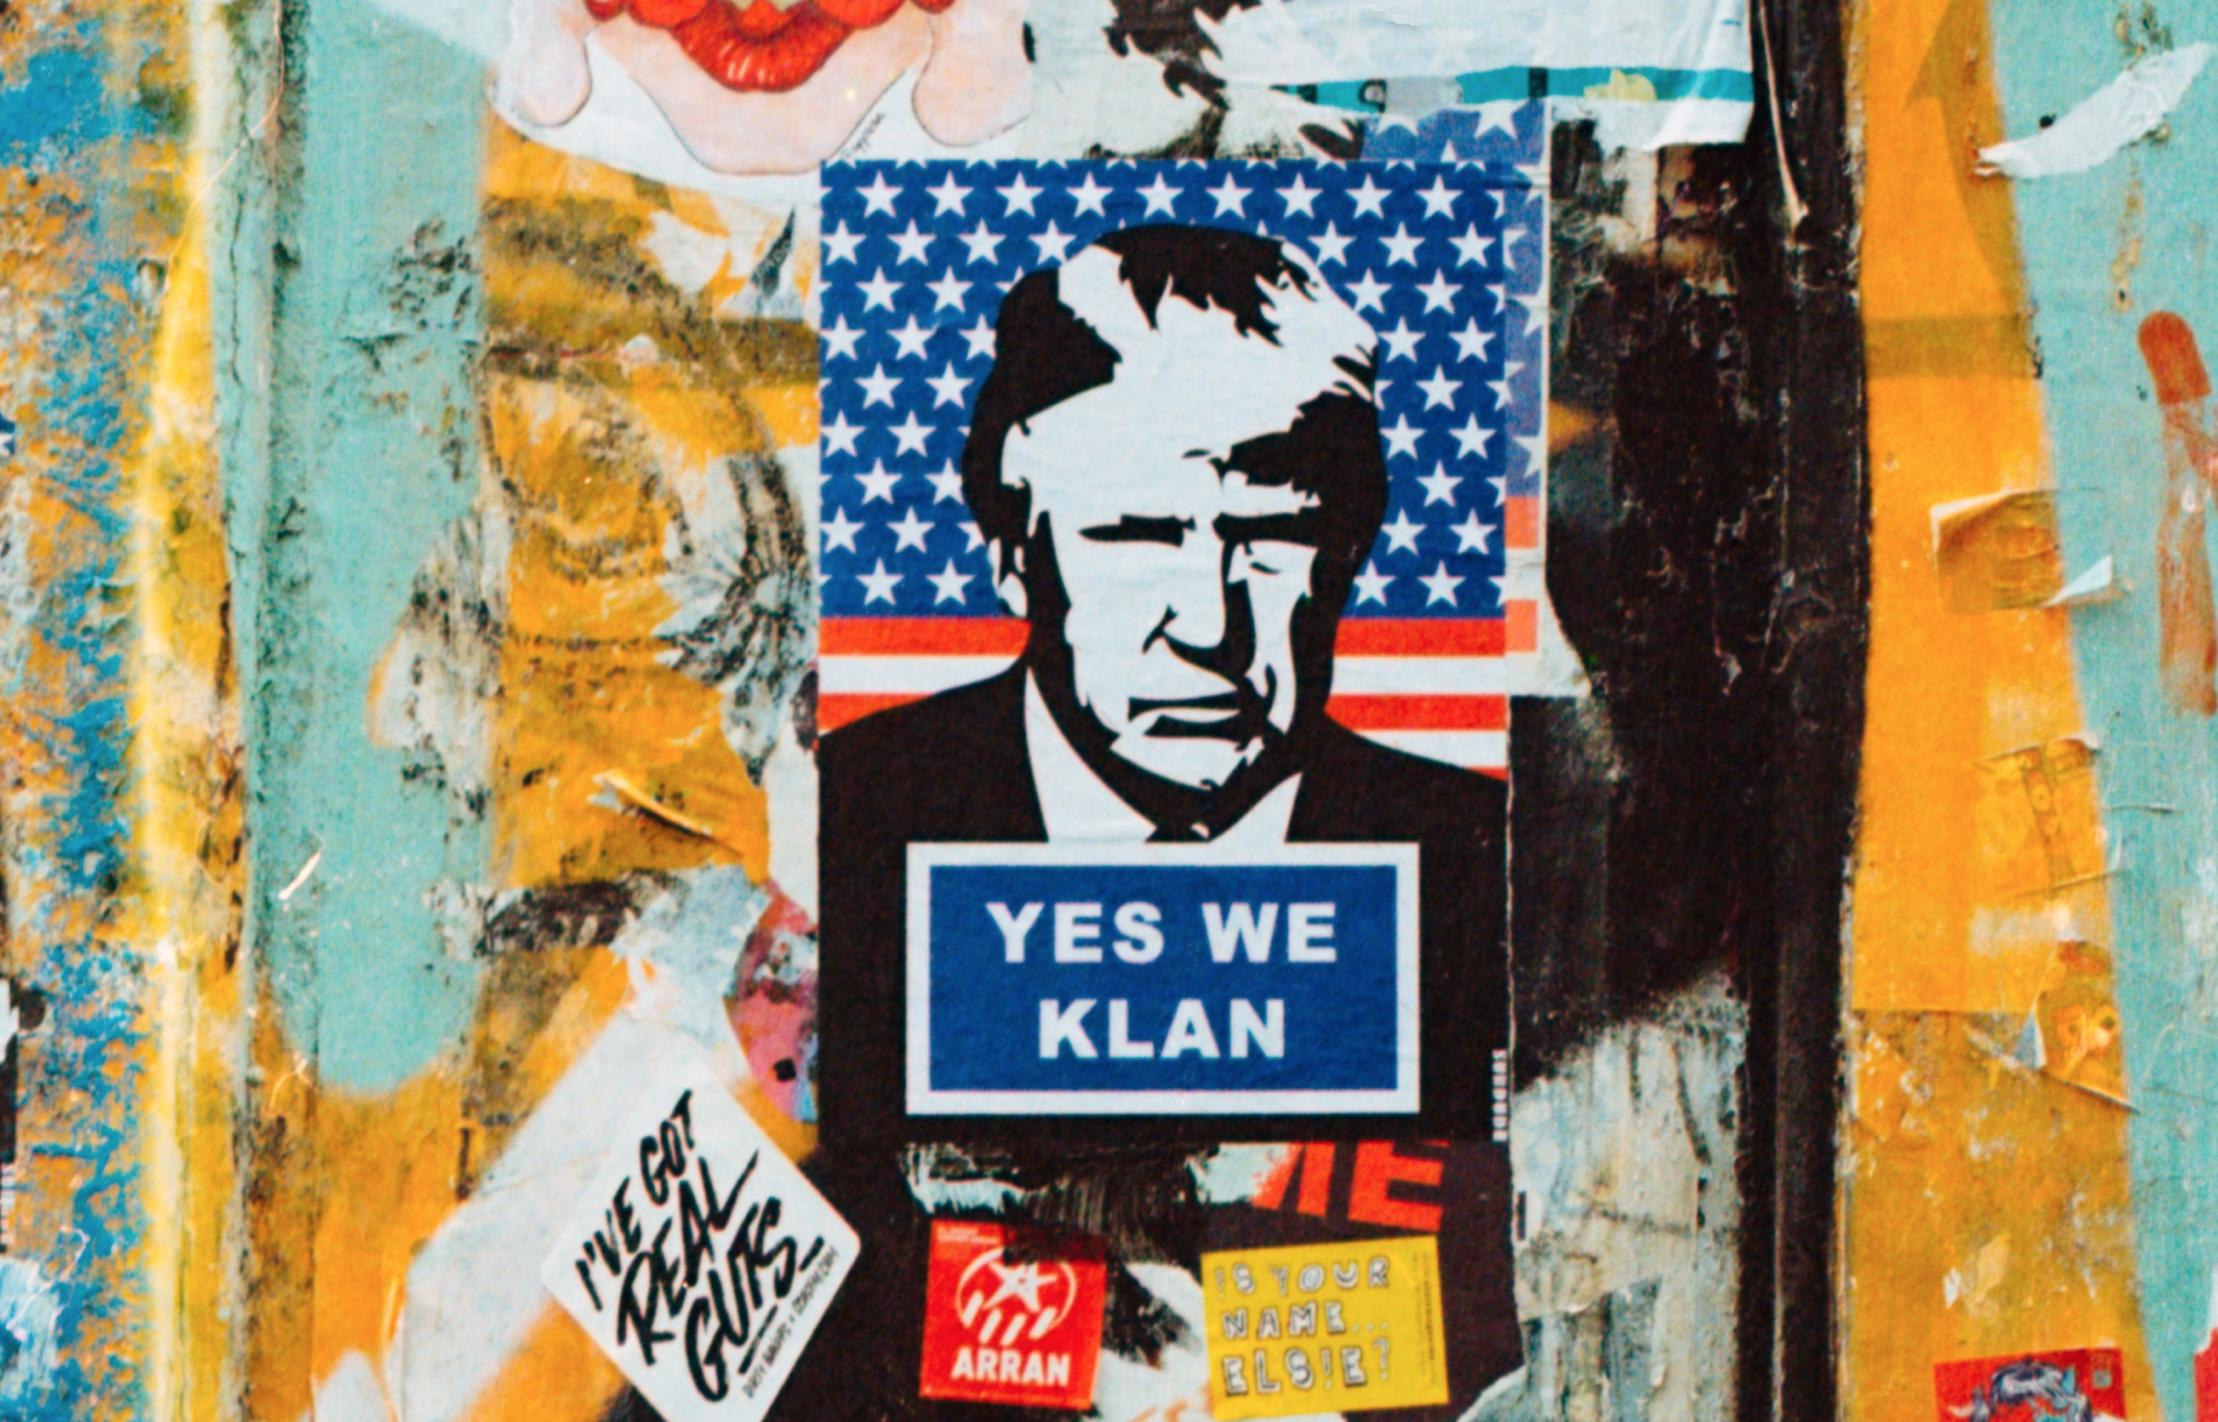 Kristna som stöttar Trump uppfattas som hycklare